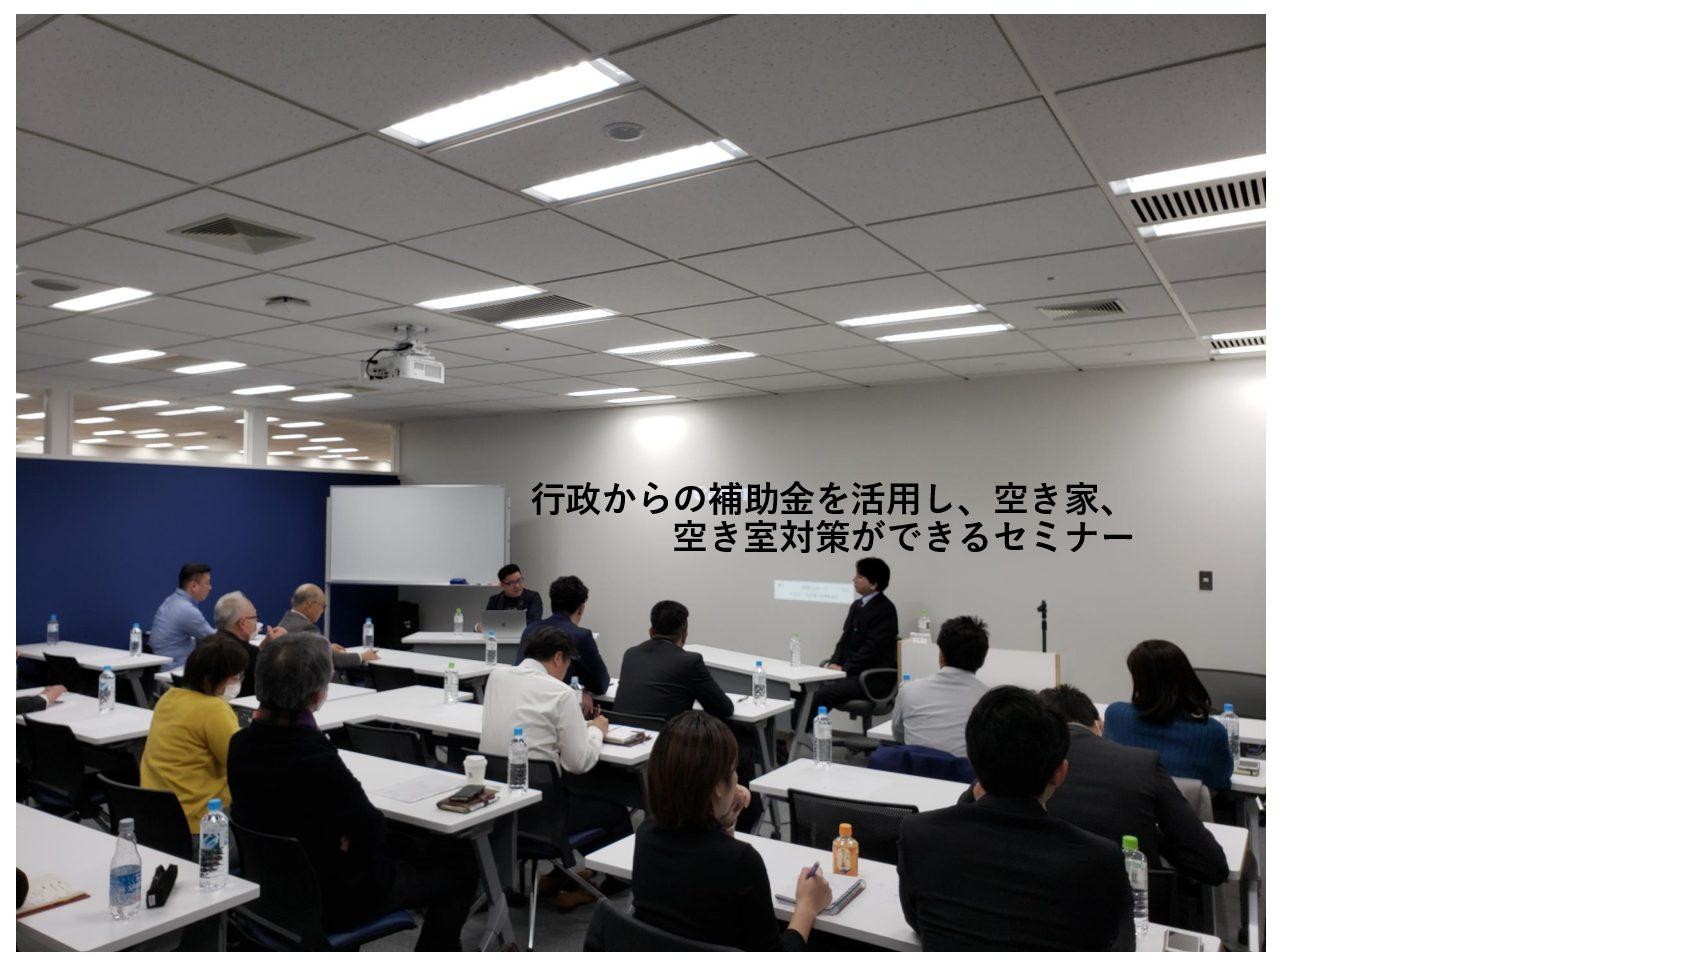 ☆特別限定セミナー☆不動産業者向け「行政からの補助金を活用し、空き家、空き室対策ができるセミナー」を開催しました。